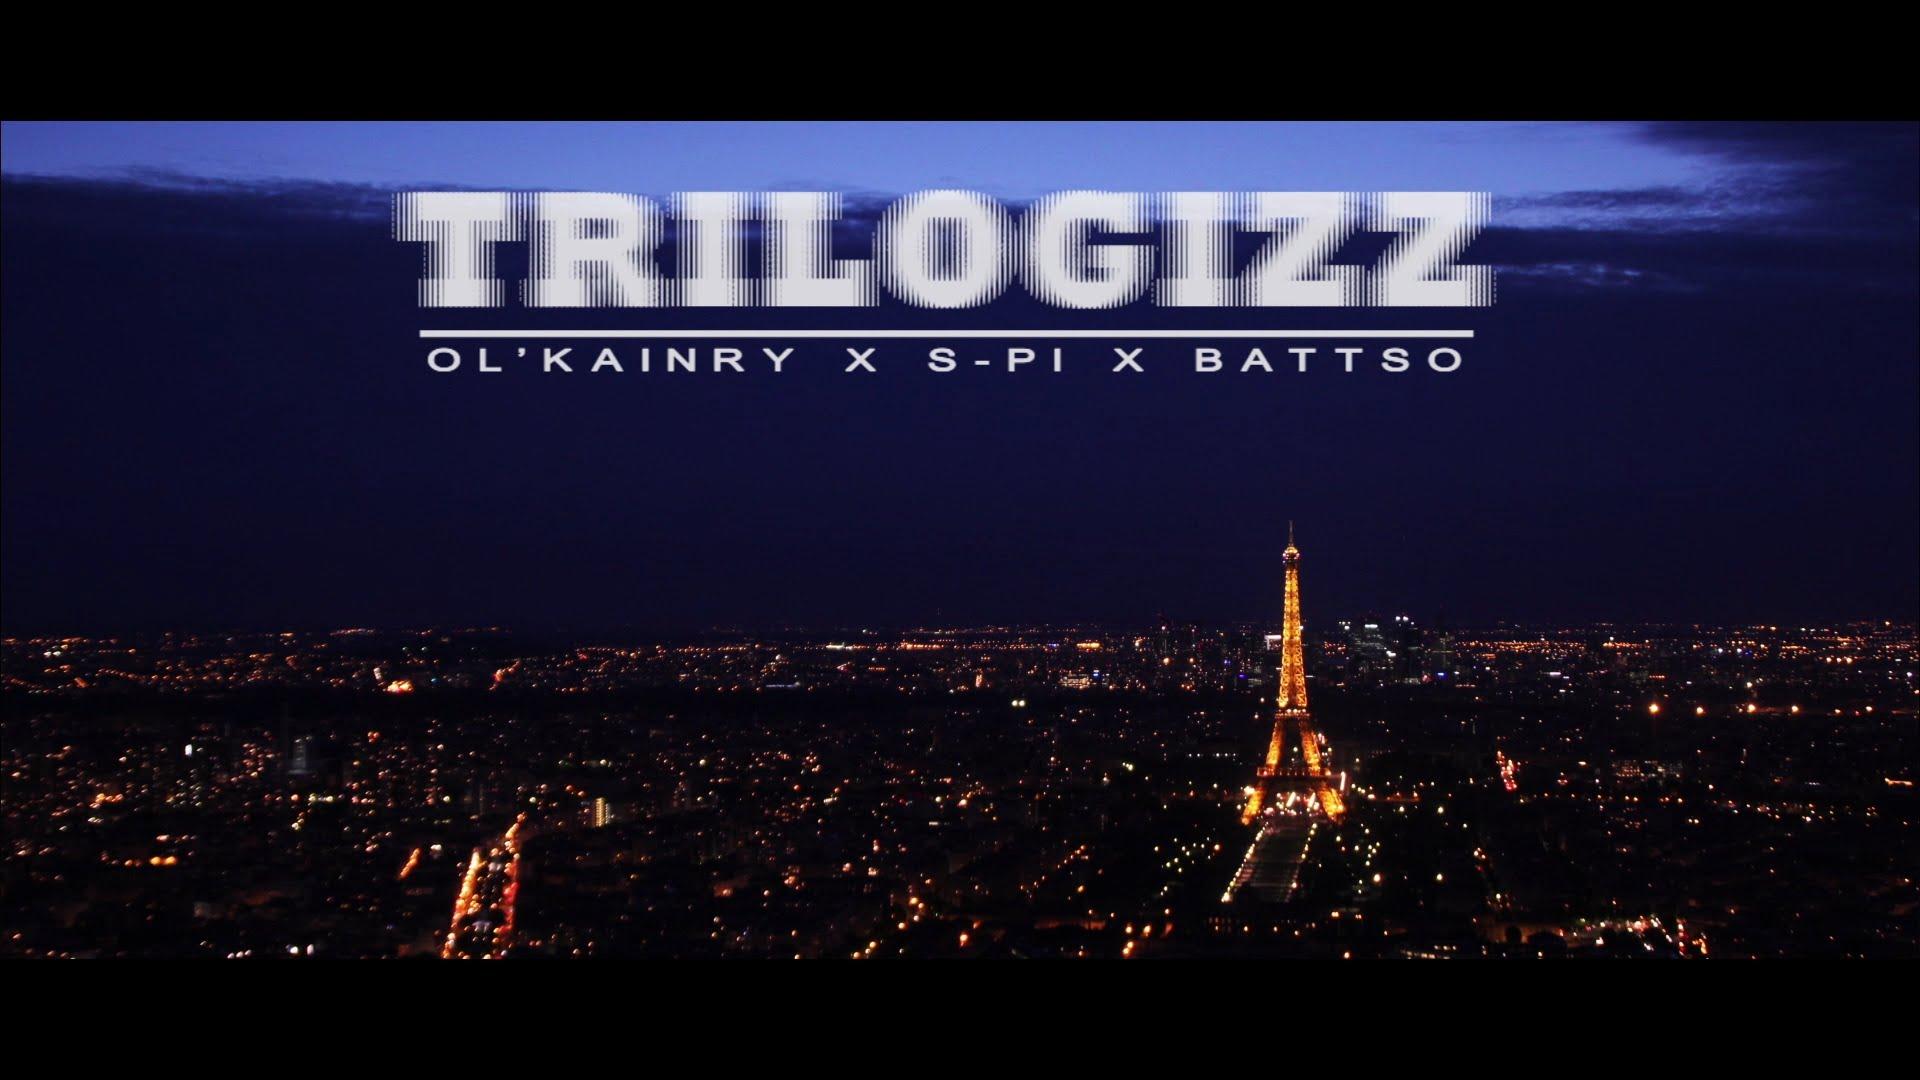 Ol' Kainry Ft S.Pi, Battso – Trilogizz